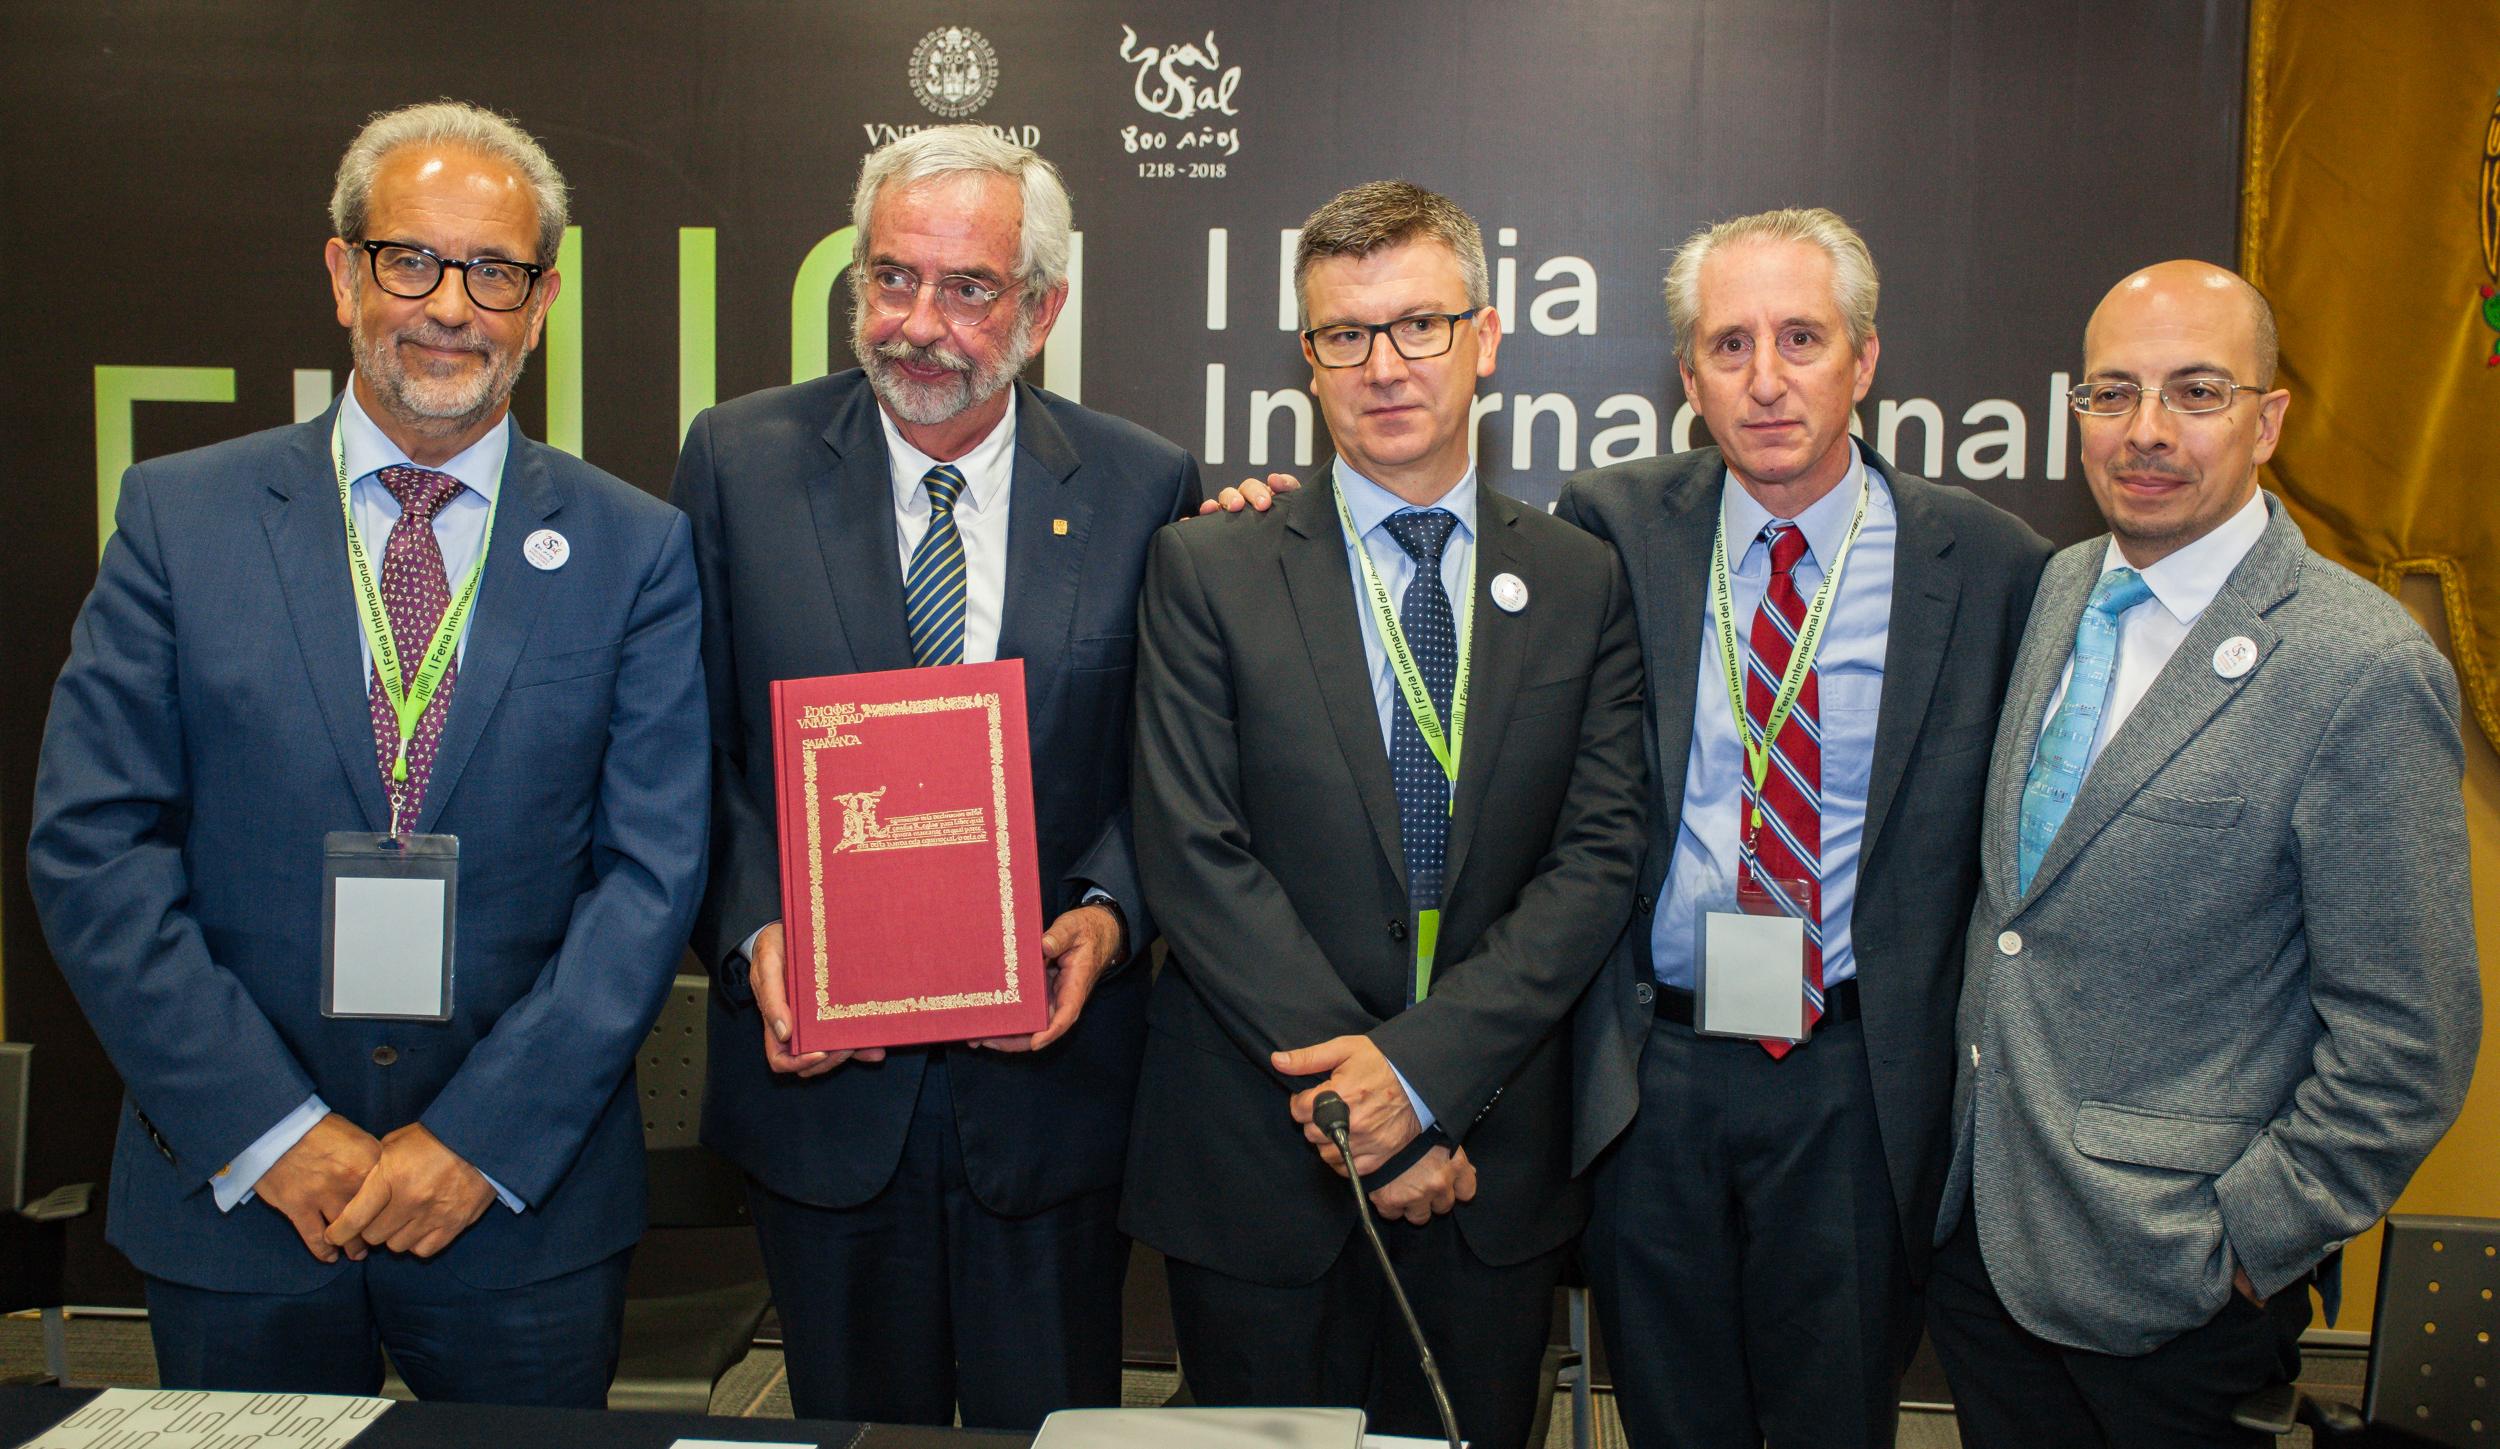 Los rectores de la Universidad de Salamanca y UNAM presentan en el marco de FILUNI la coedición del facsímil 'Regimiento solar' del siglo XVI